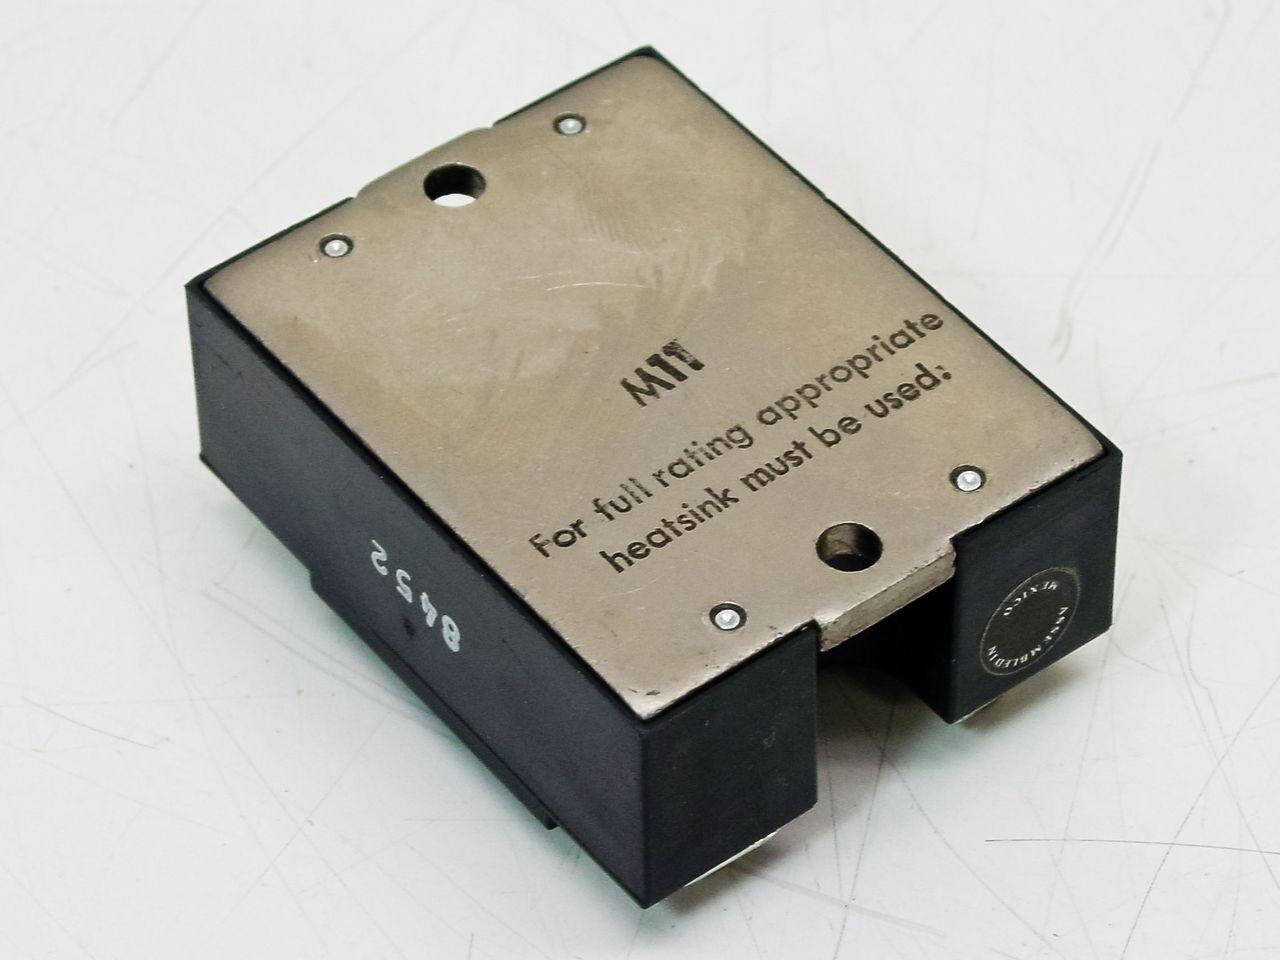 Magnecraft W6110dsx